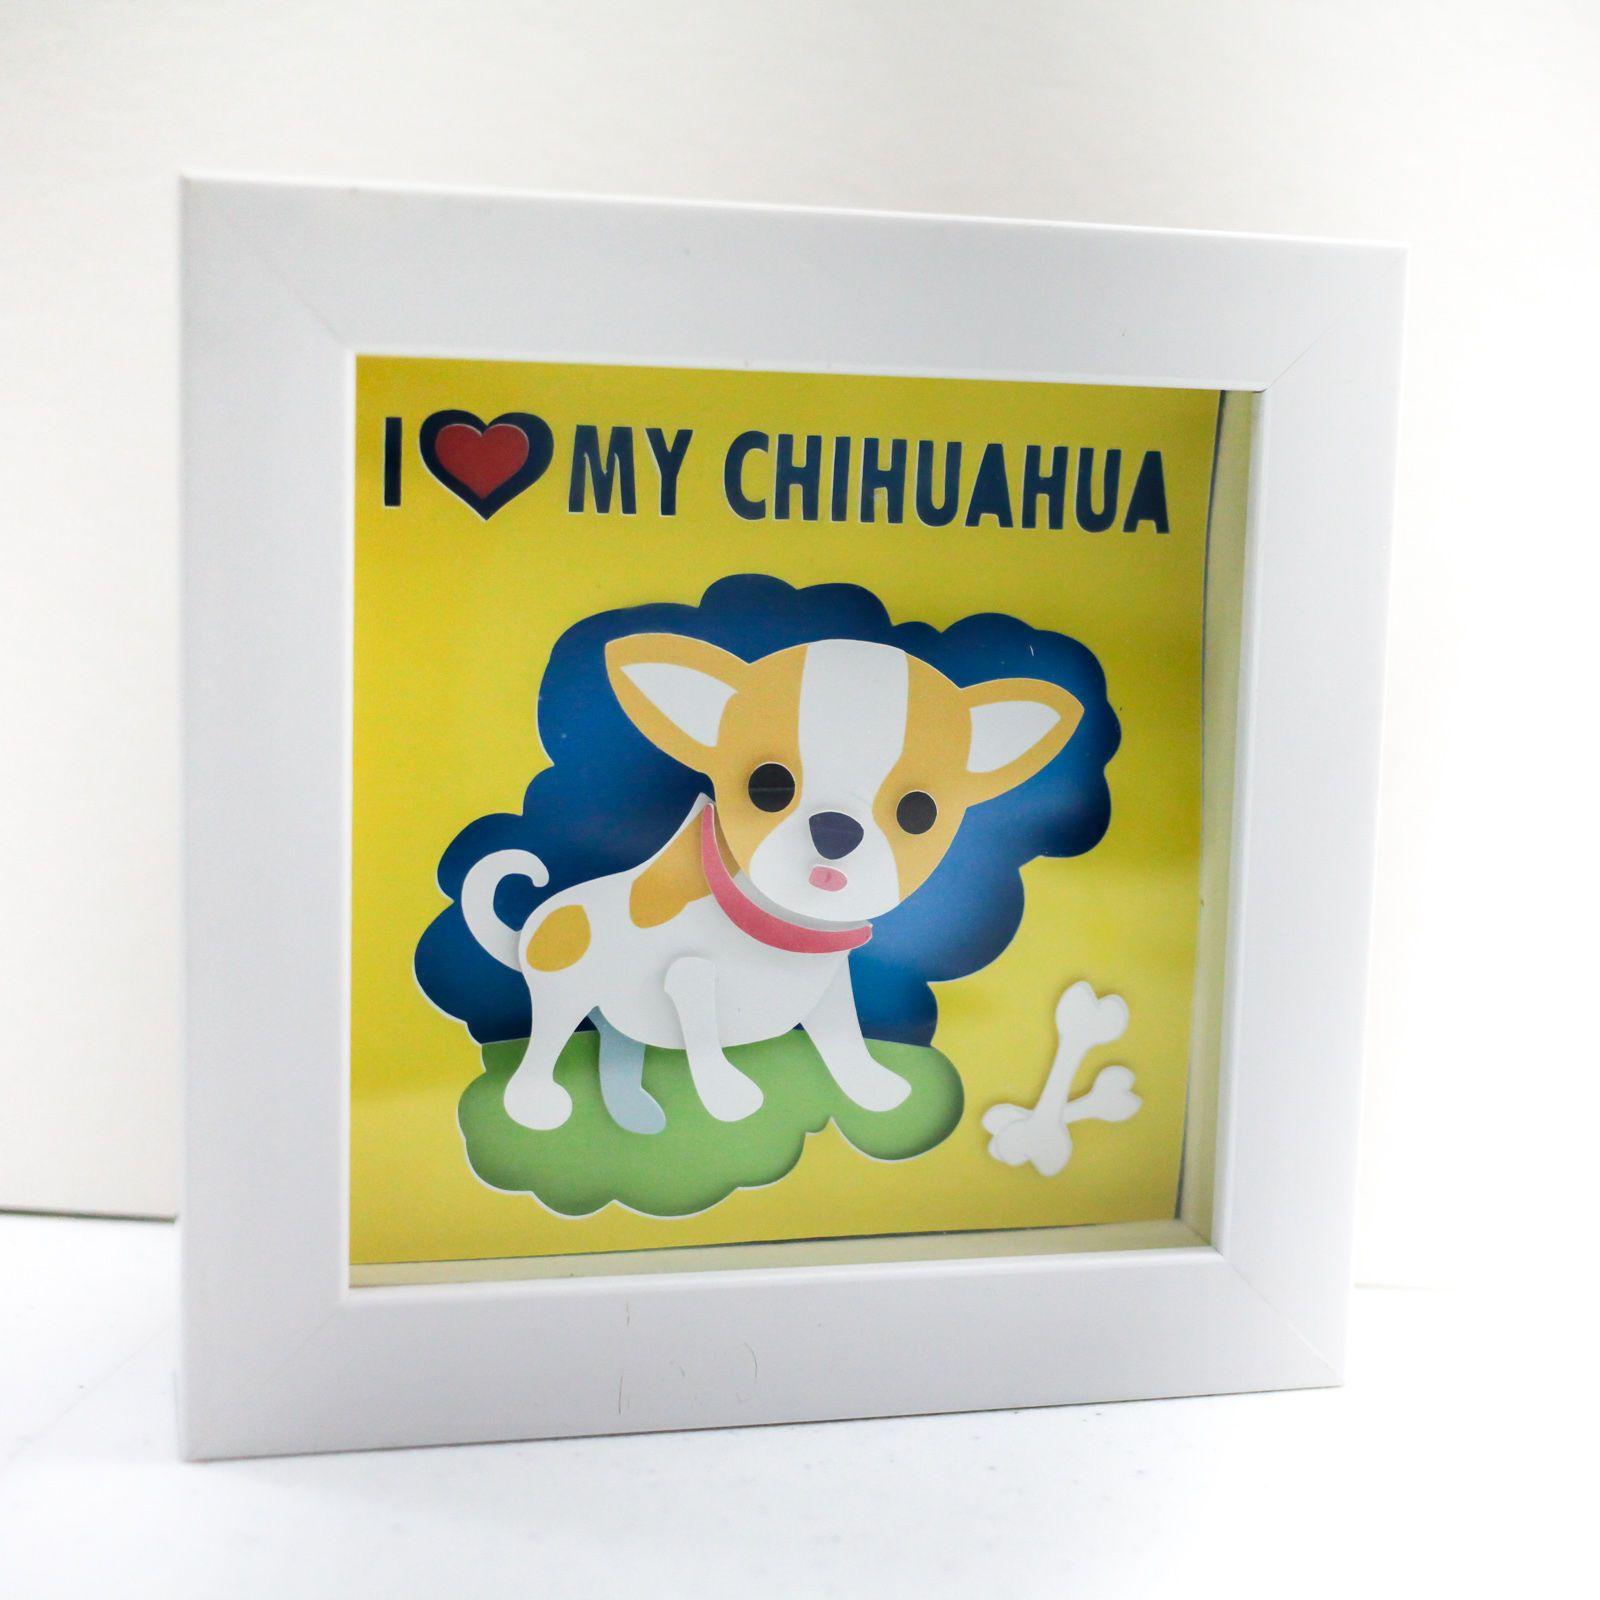 I love my Chihuahua\